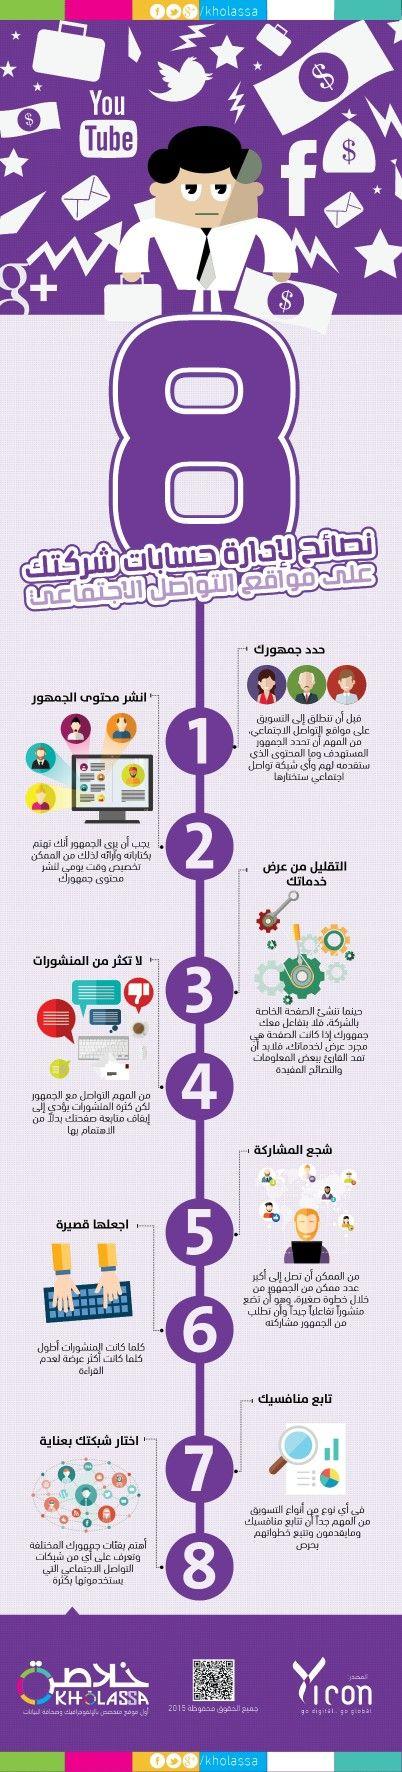 انفوجرافيك 8 نصائح لإدارة حسابات شركتك في مواقع التواصل الإجتماعي Life Skills Teach Arabic Positive Discipline